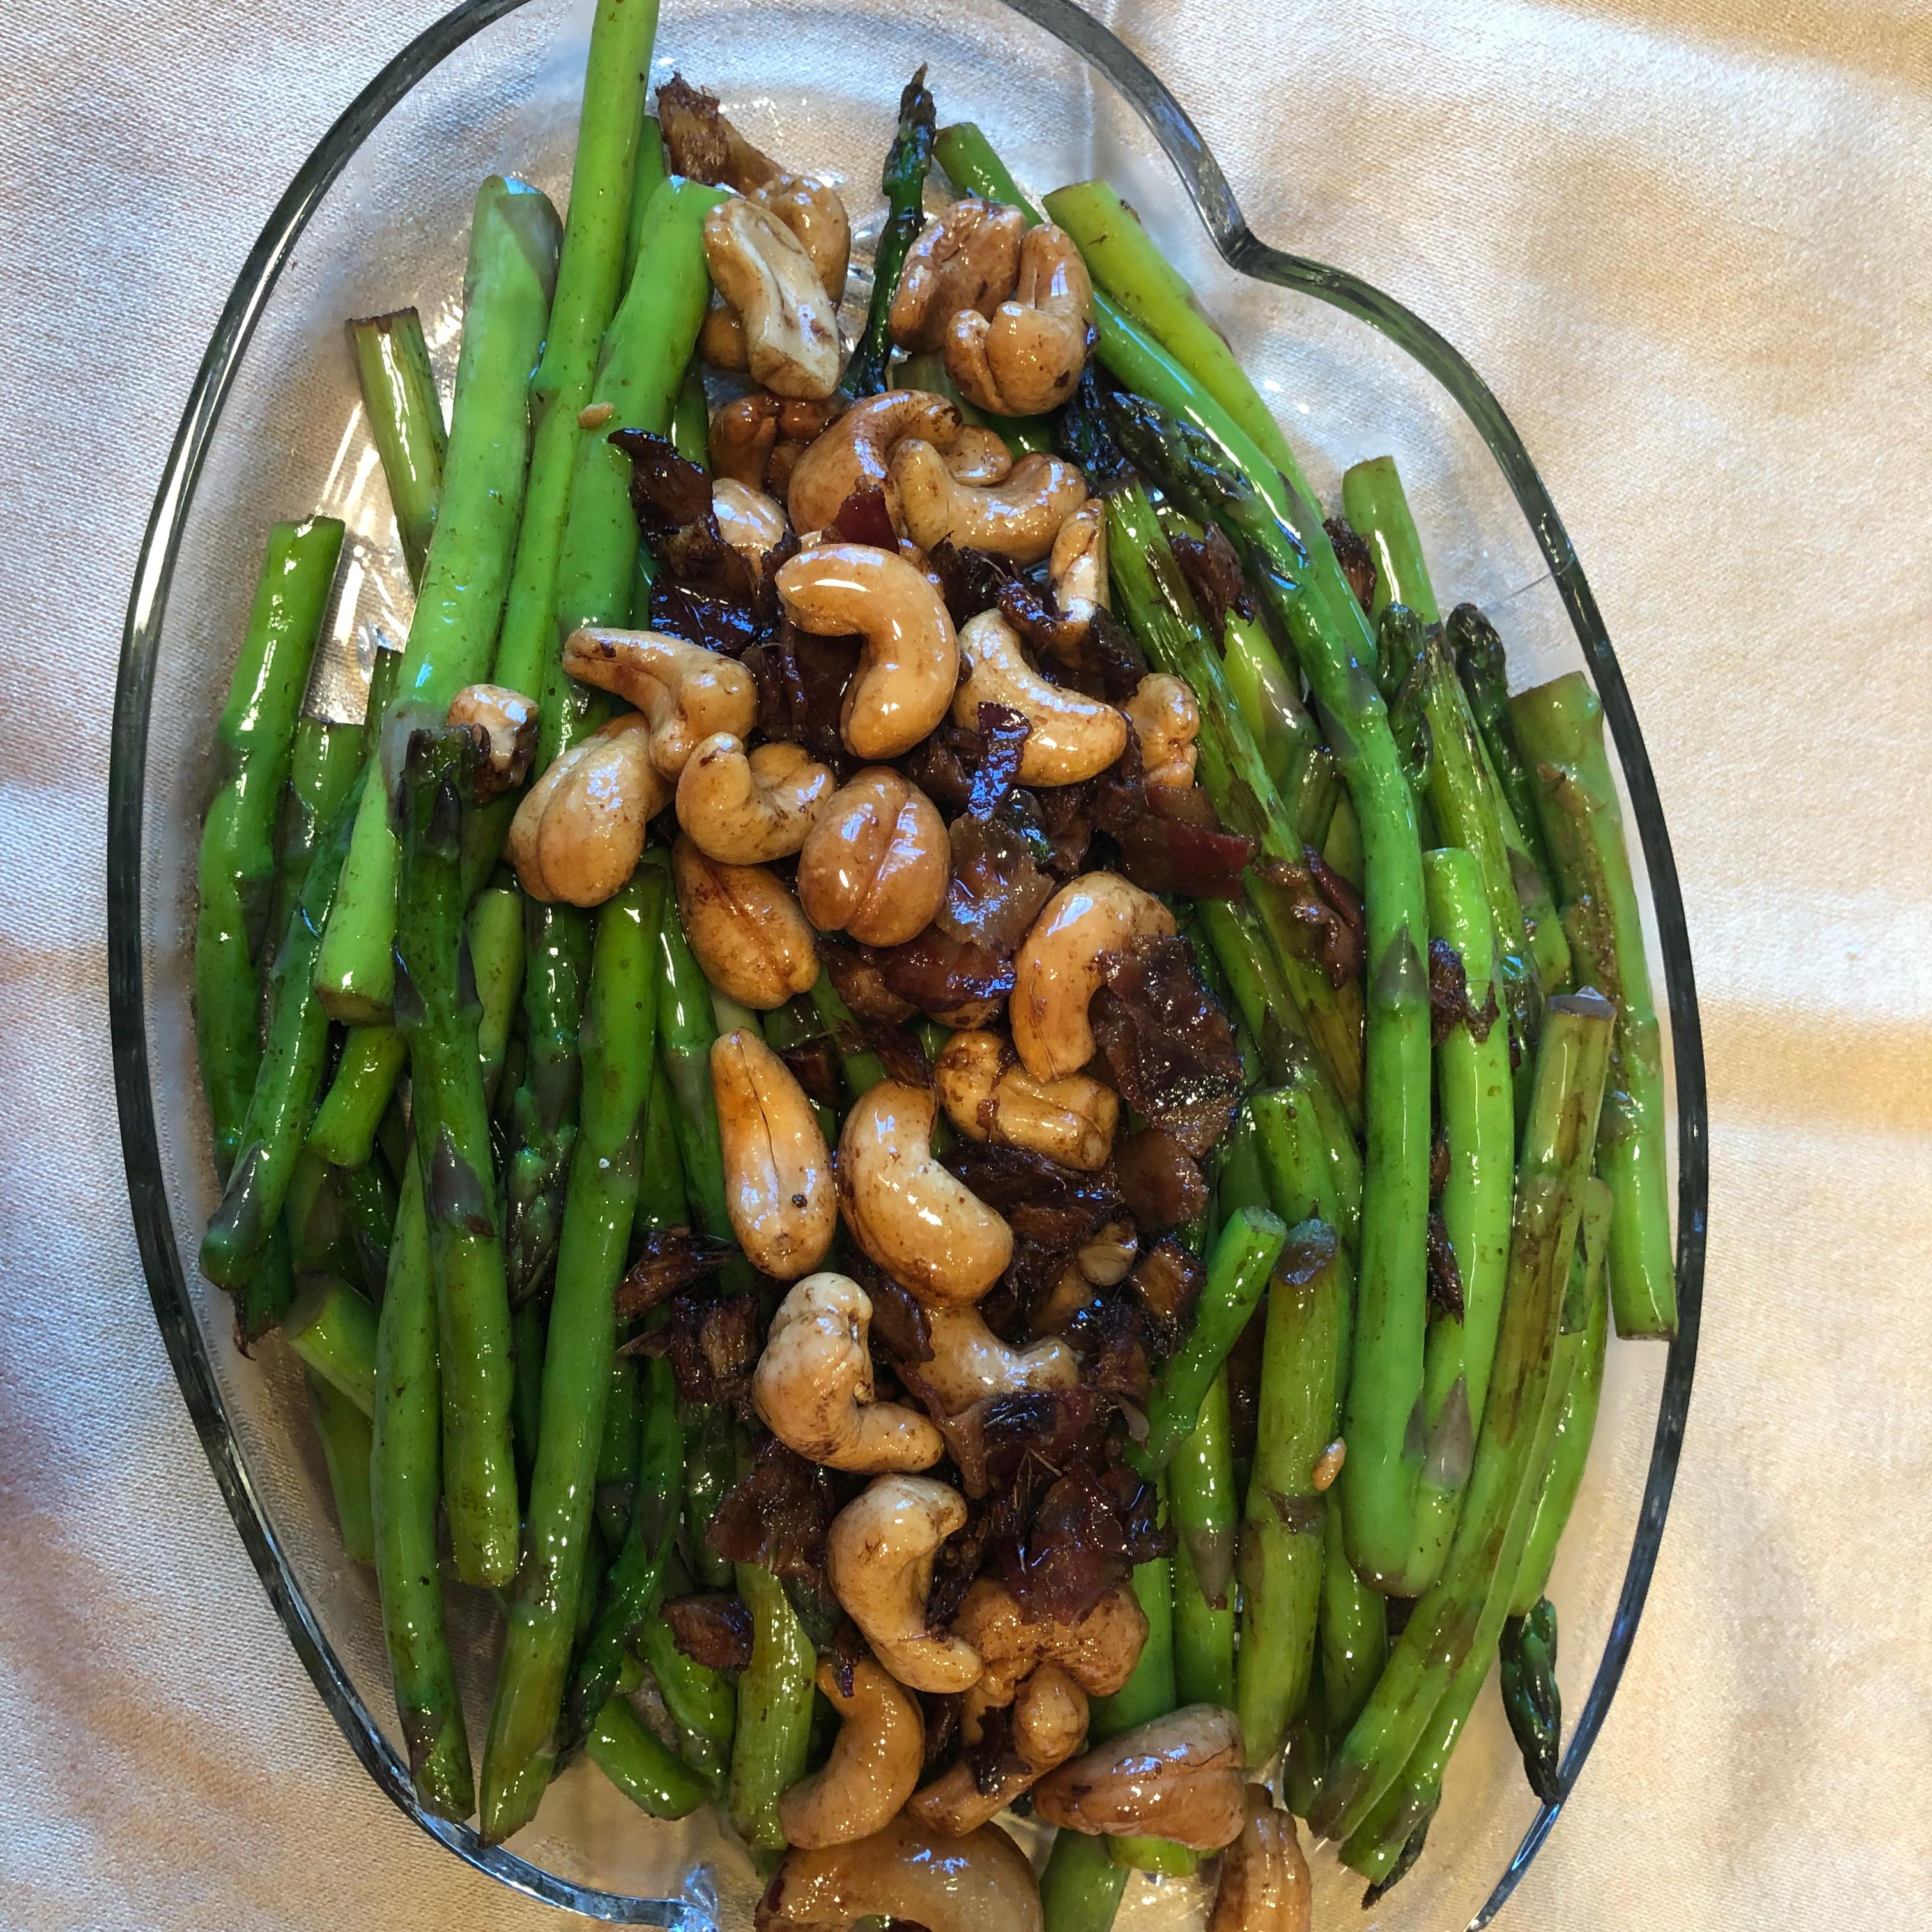 Asparagus and Cashews